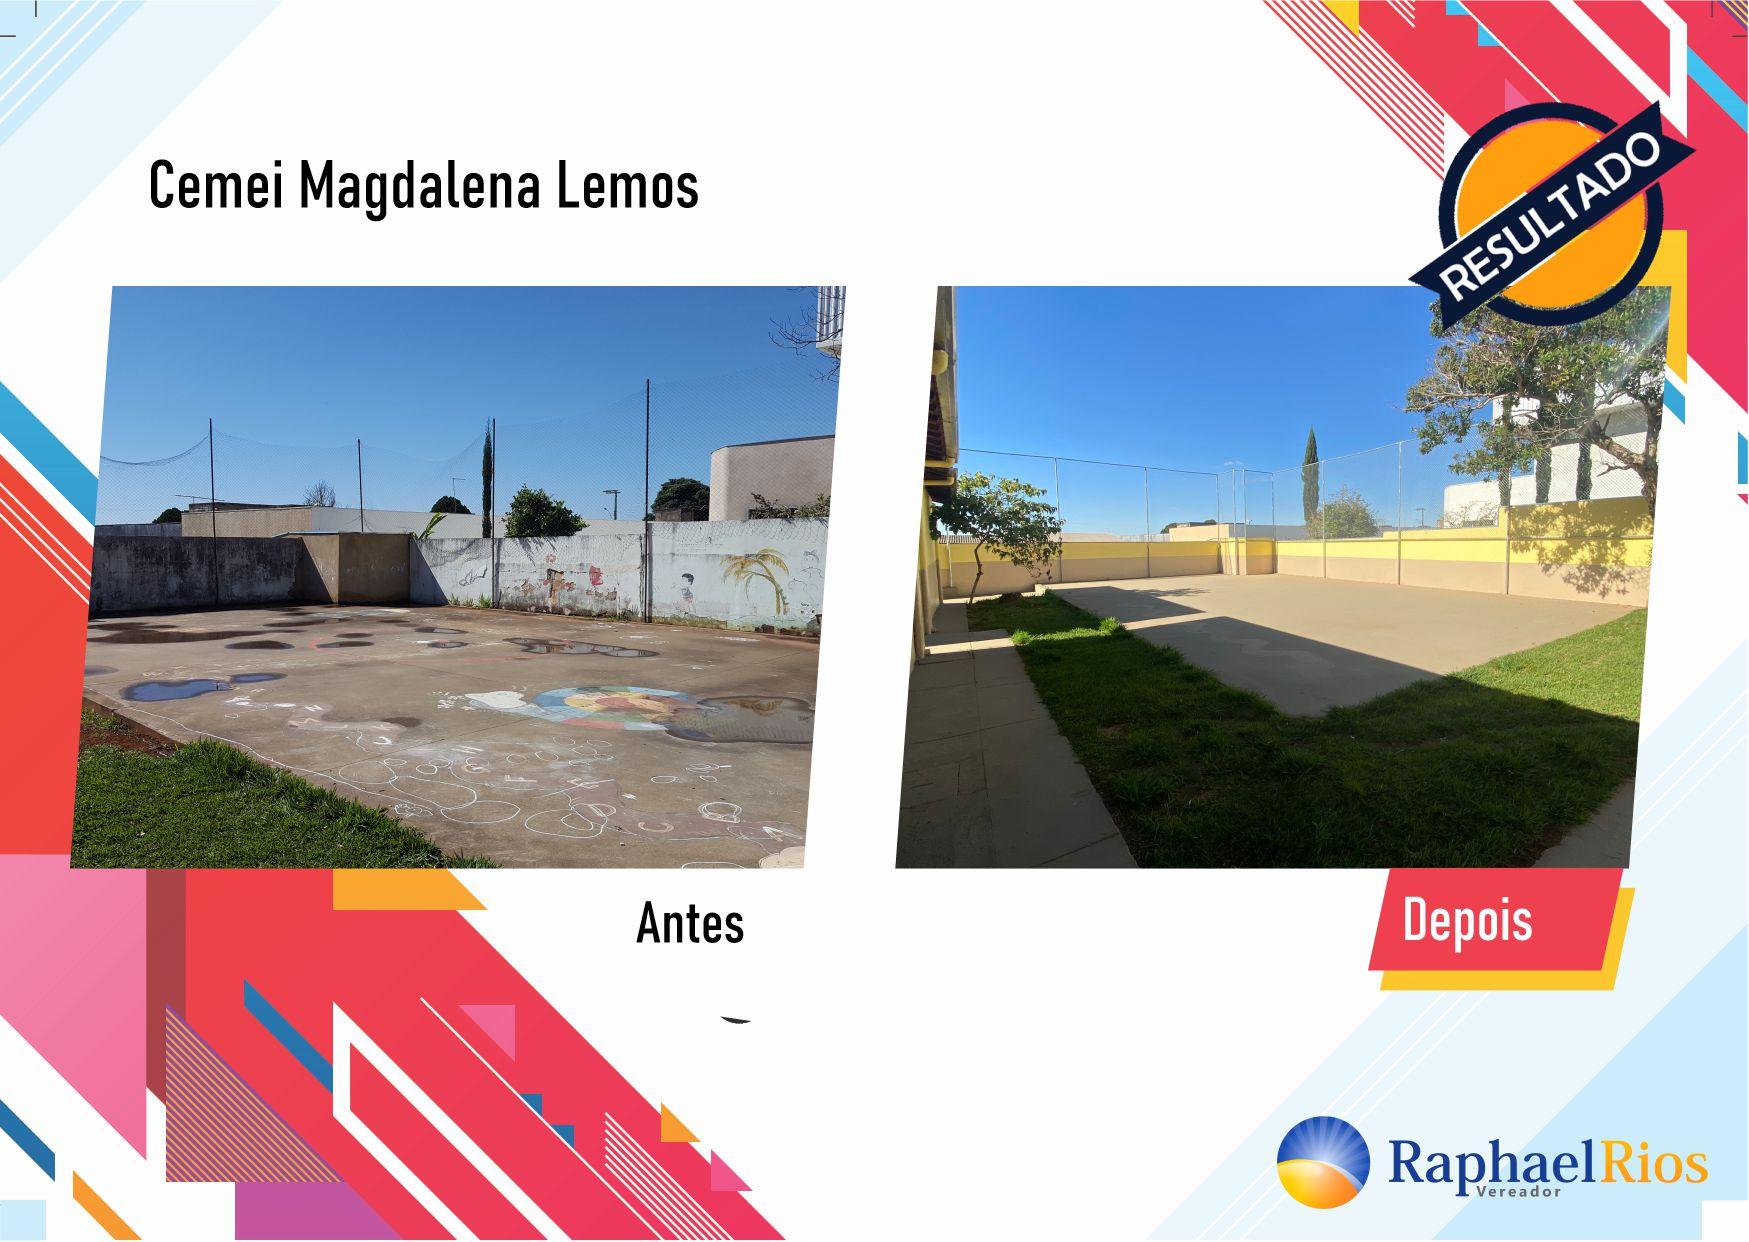 Após fiscalização, Raphael Rios confere reforma geral do Cemei Magdalena Lemos 10